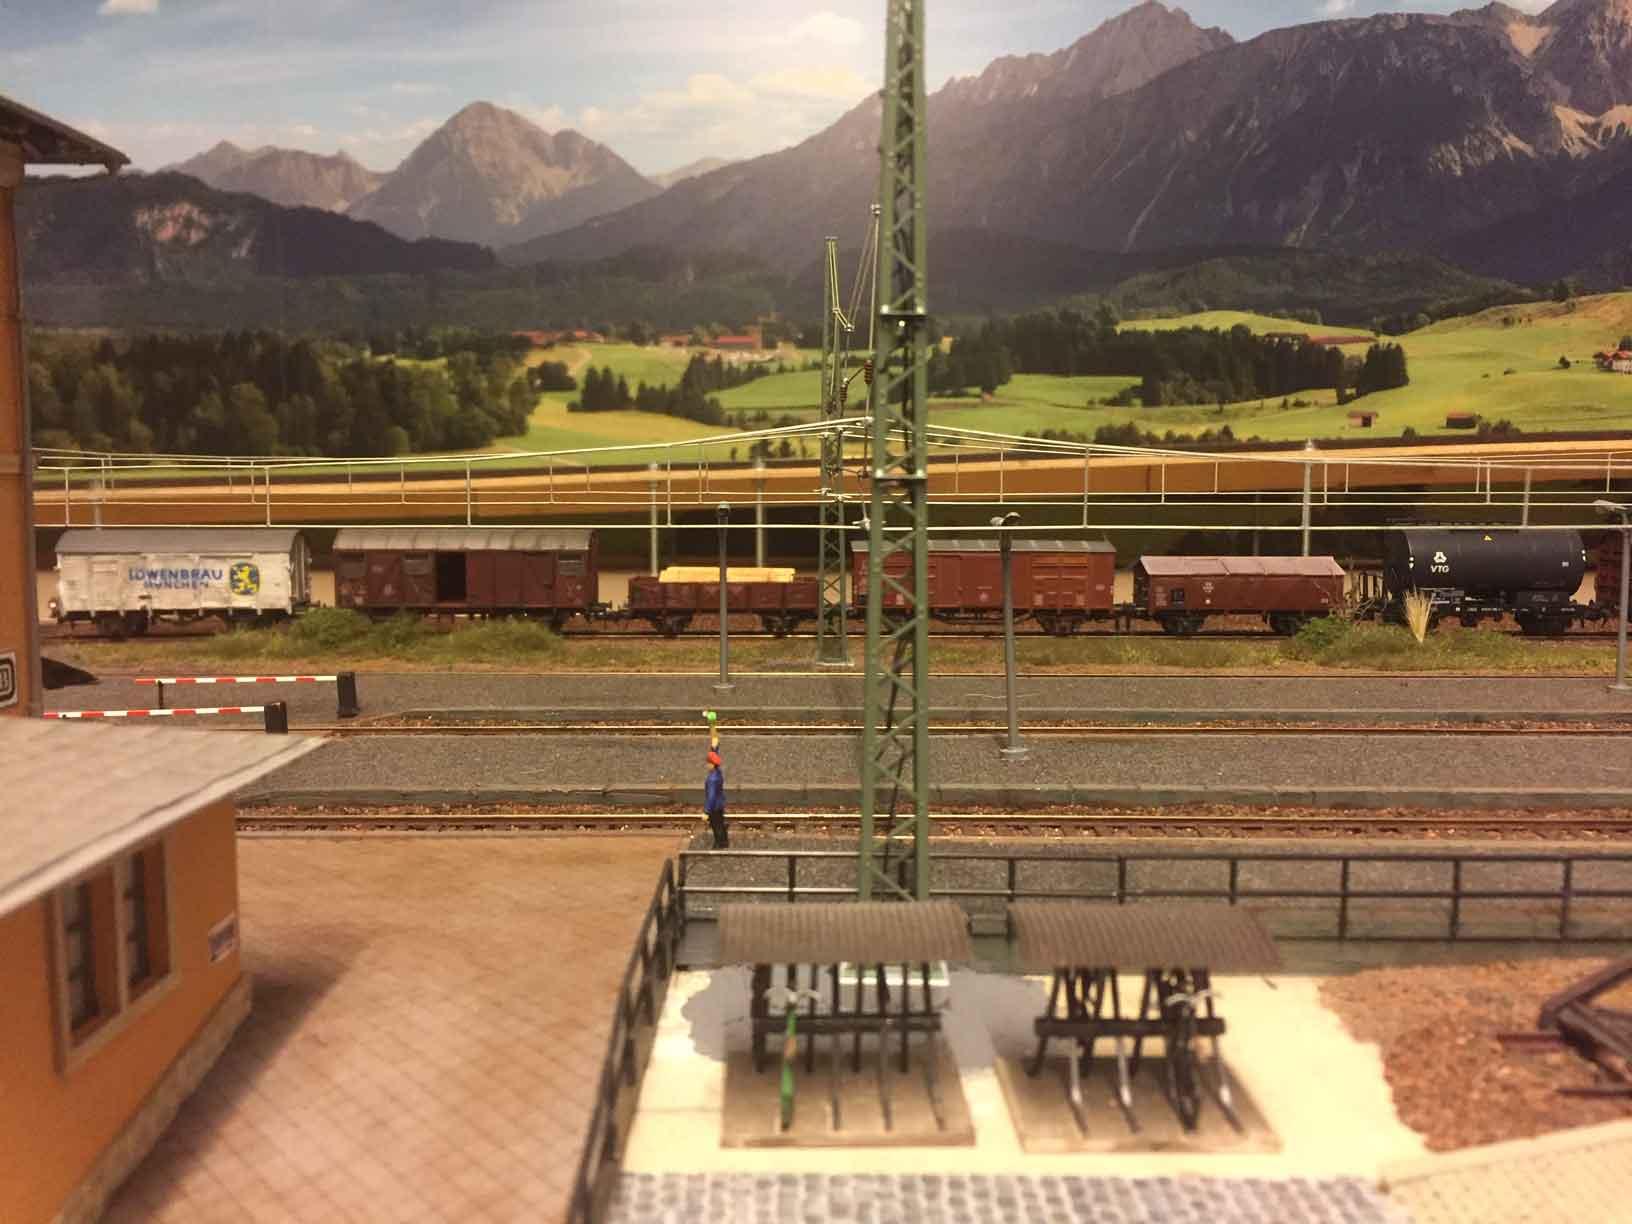 modellbahn-hintergrund-modellbahning_5 3